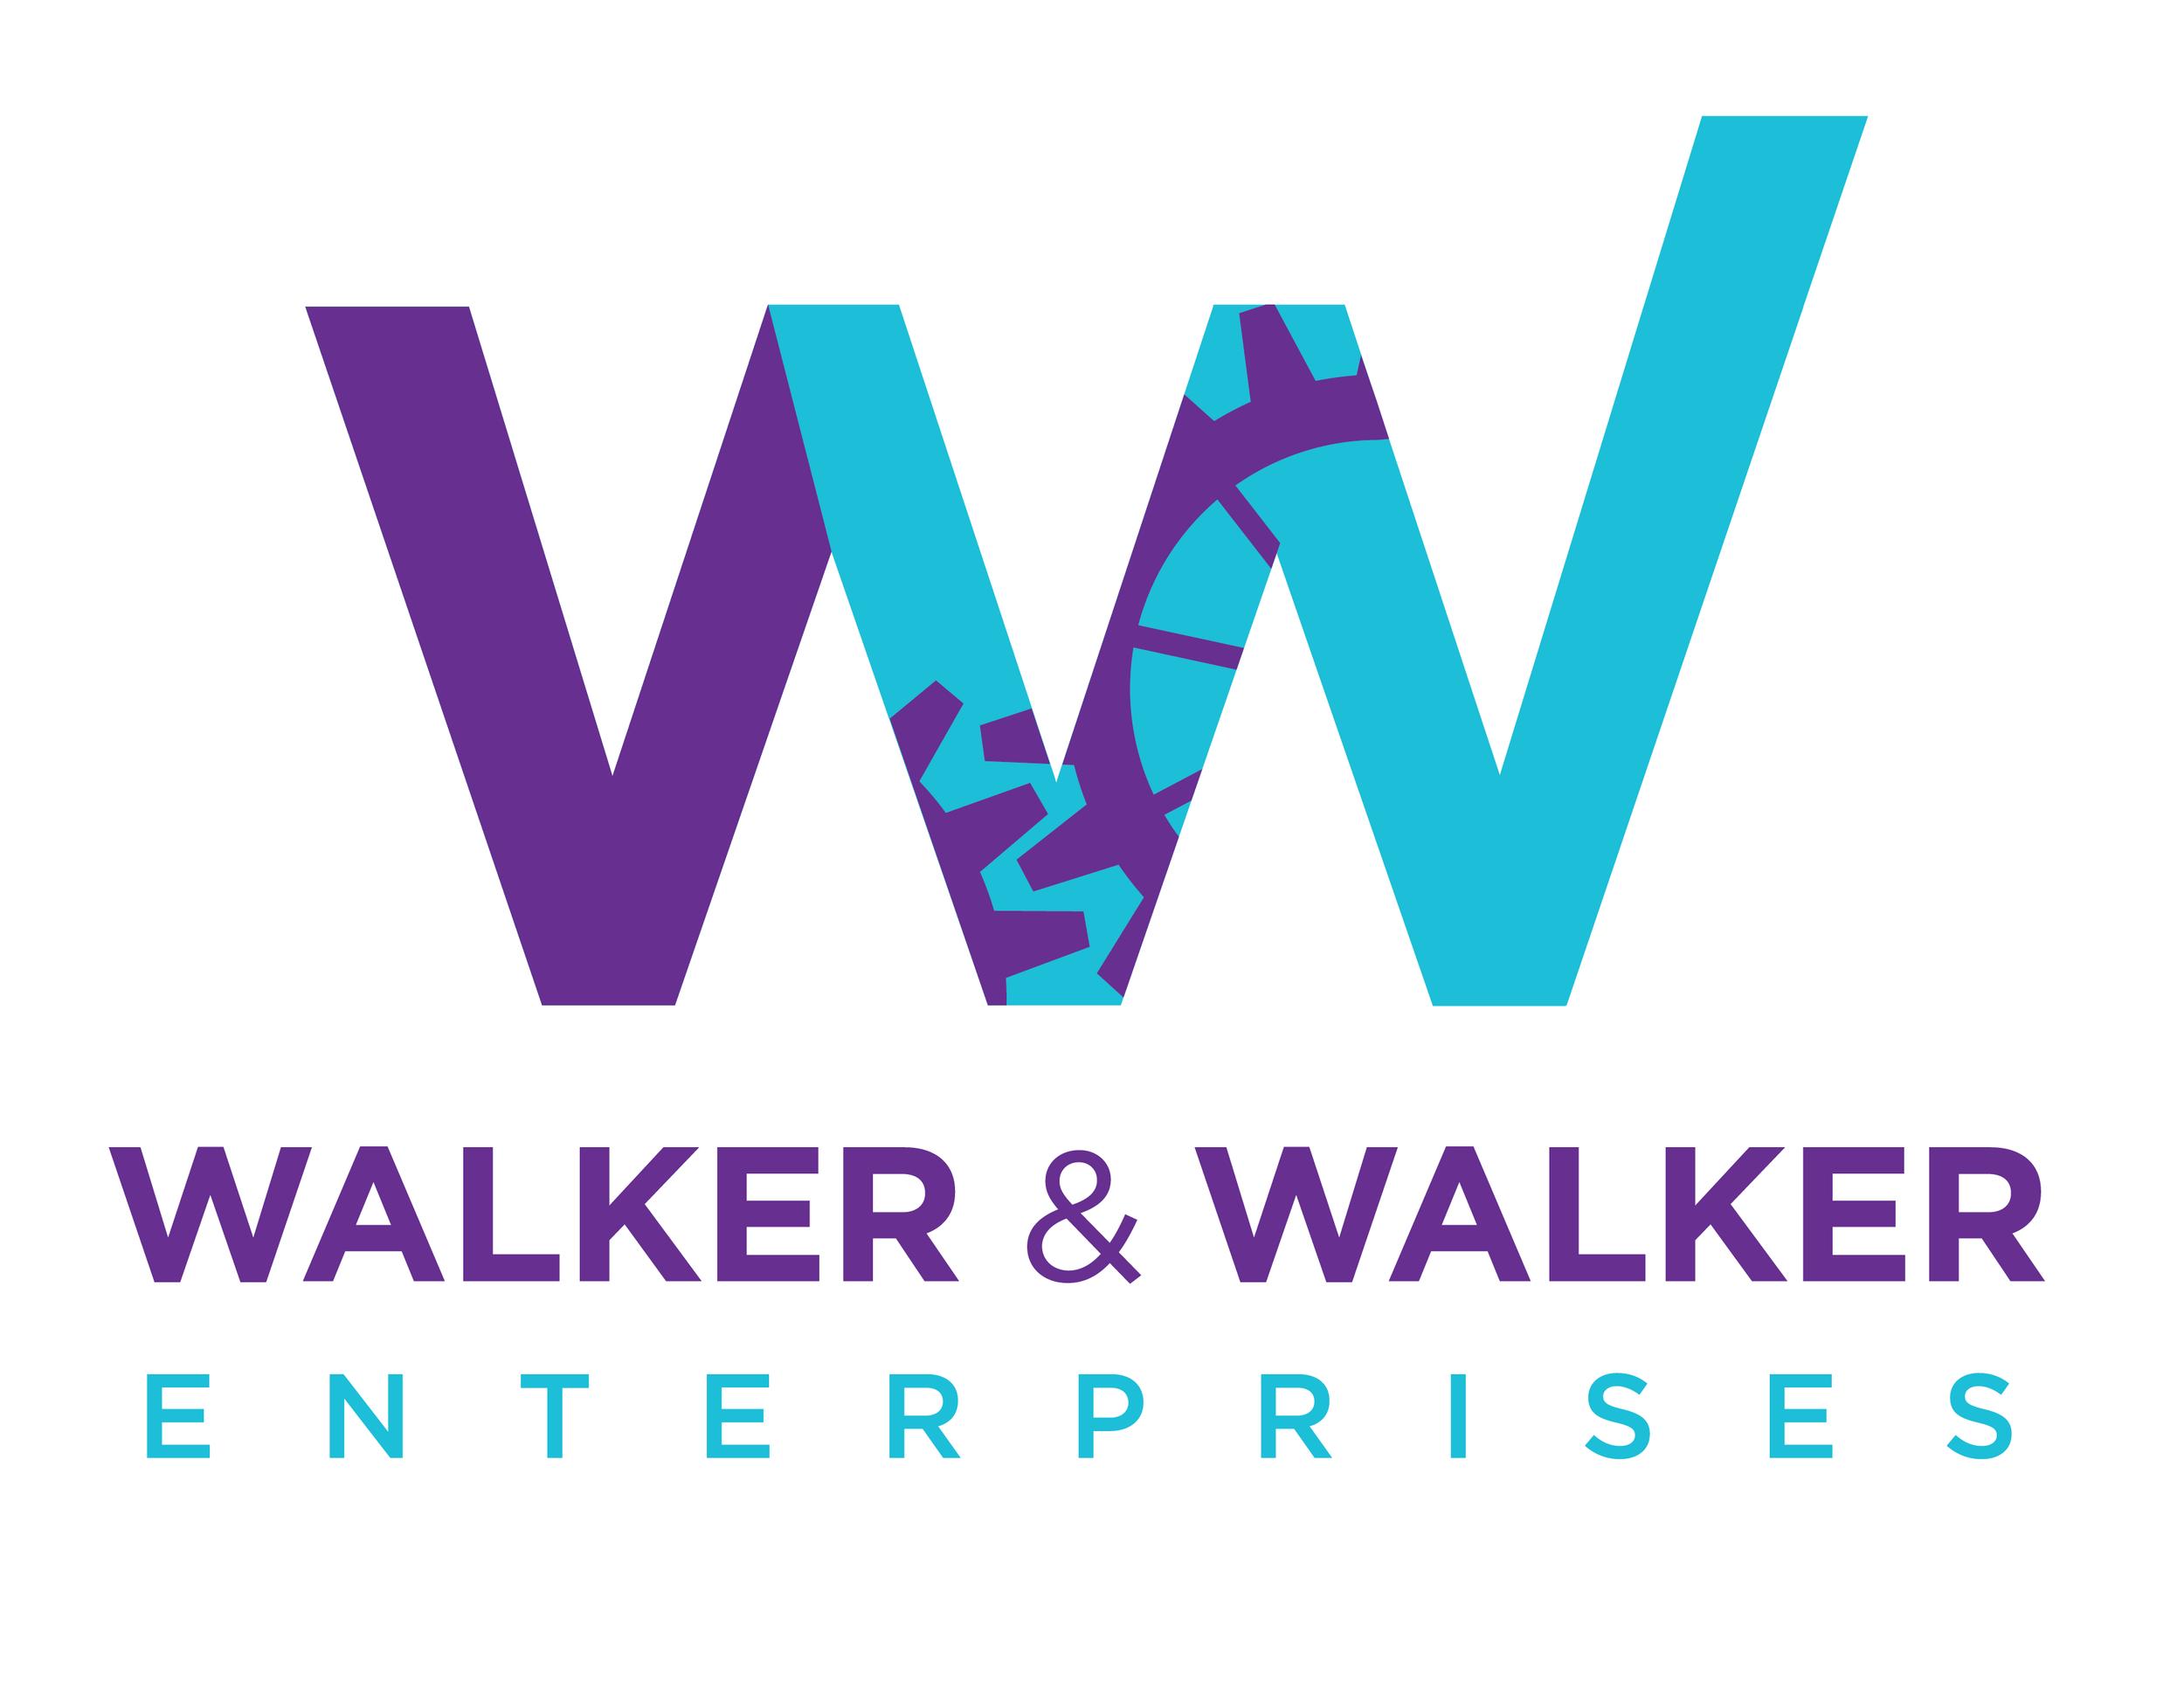 Logo - Walker & Walker Enterprises with Lolita E. Walker